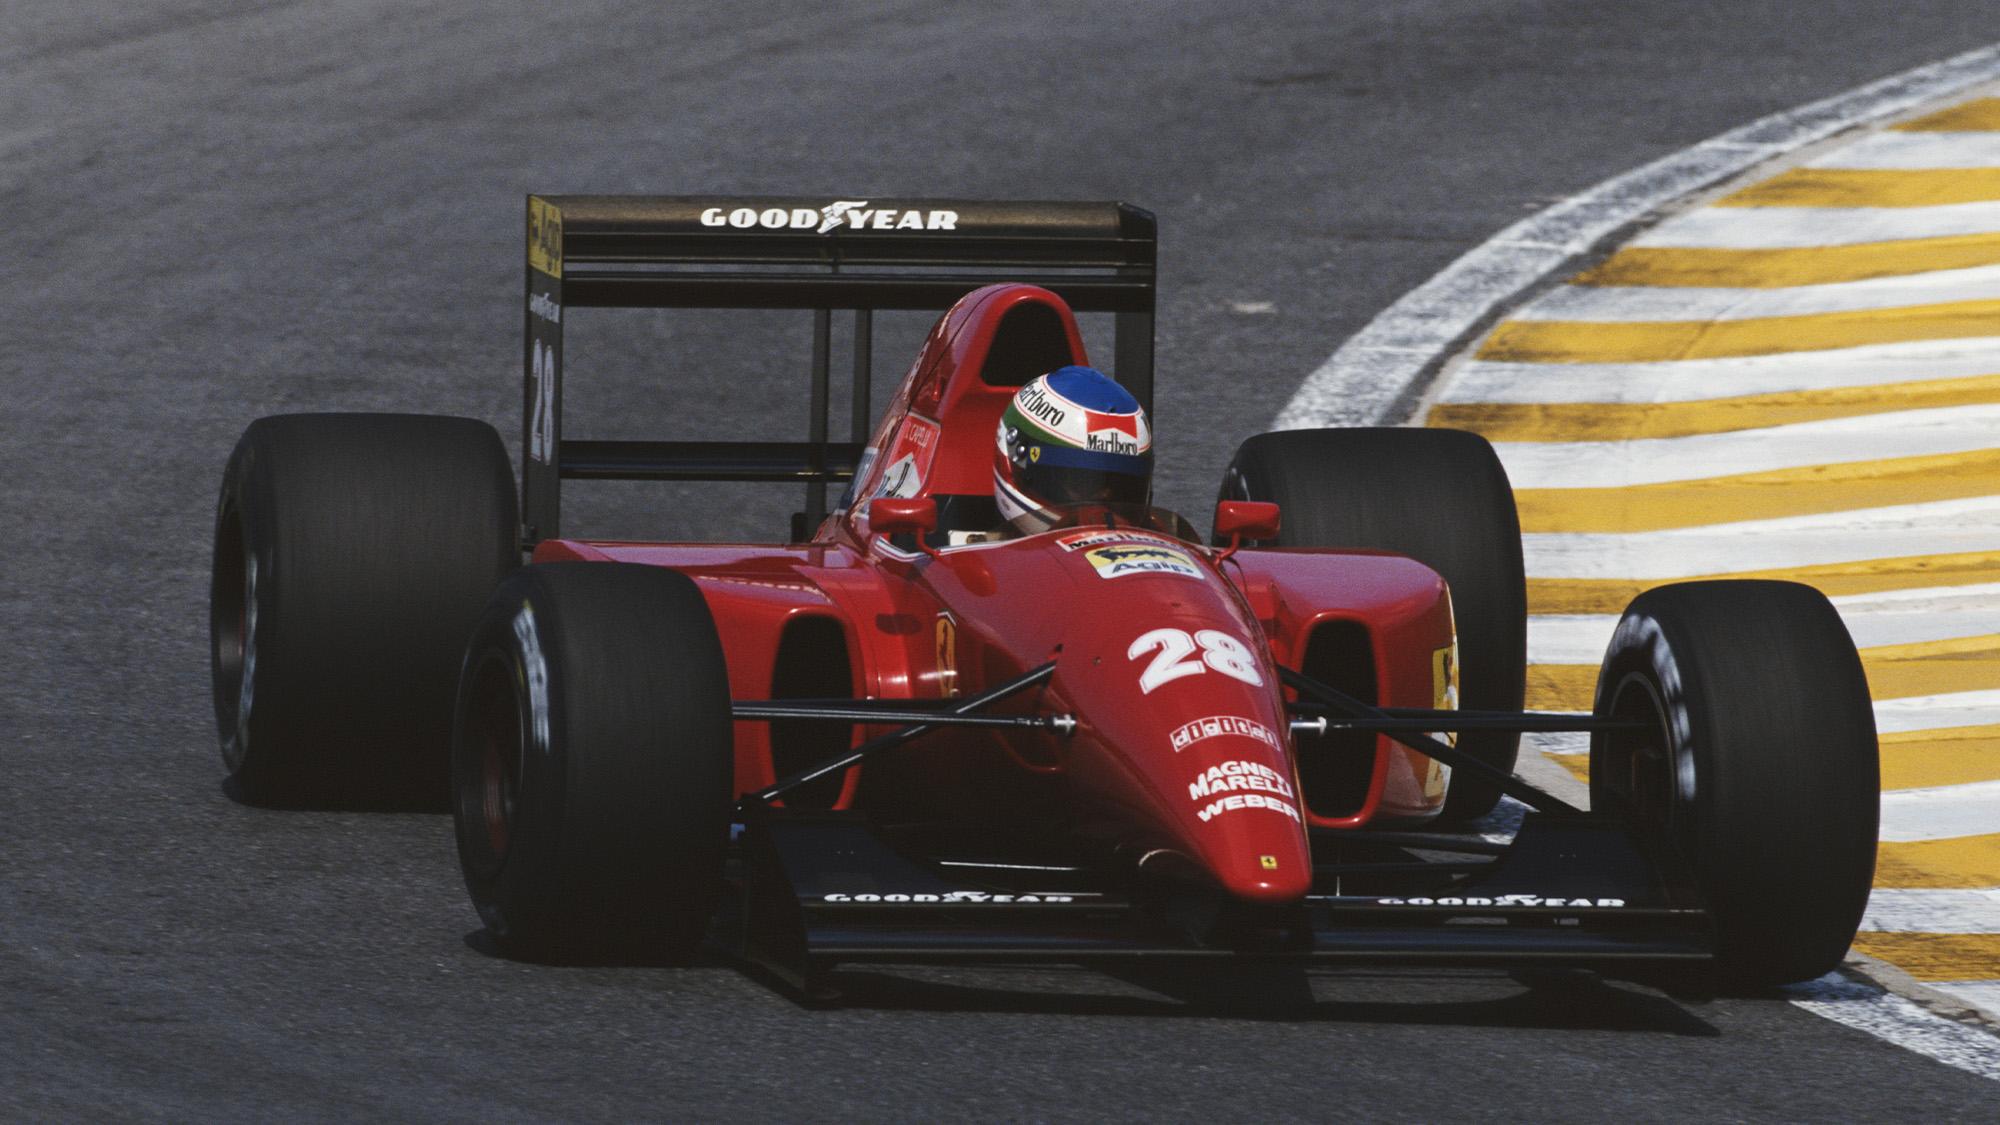 Ivan Capelli drives the 1992 Ferrari F92A in the 1992 F1 Brazilian Grand Prix